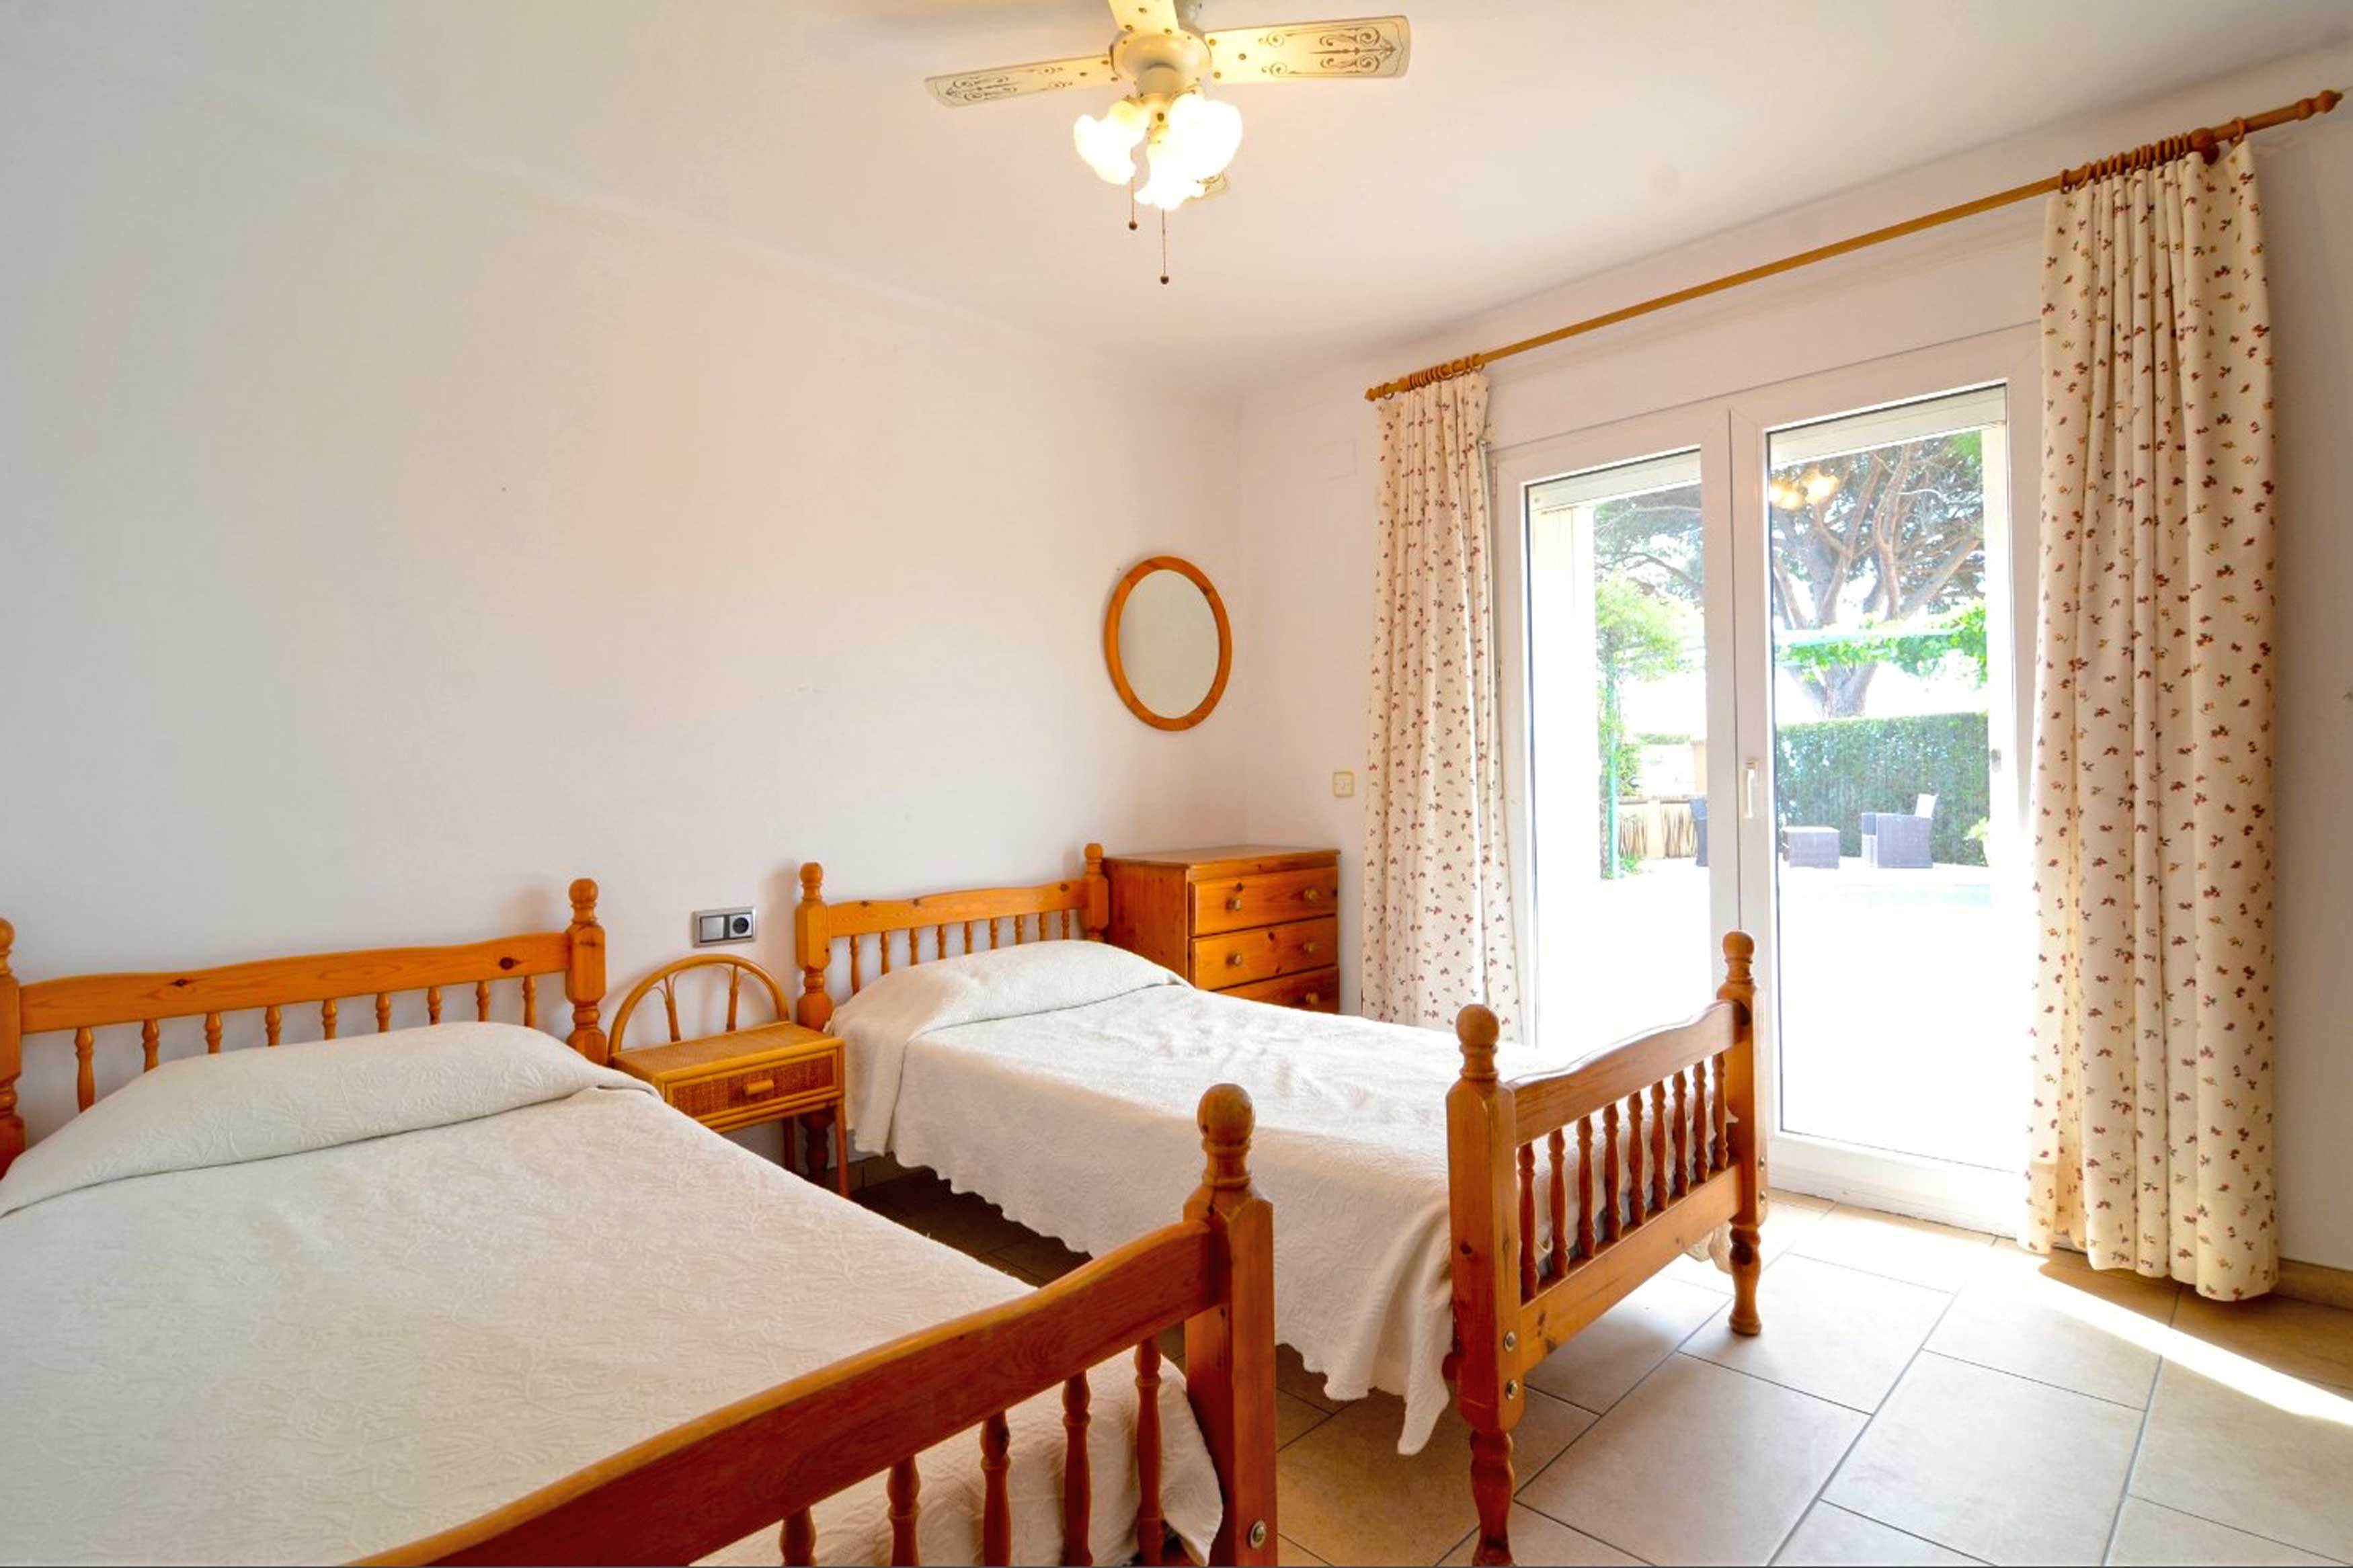 Slaapkamer met uitzicht op tuin villa Buckingham